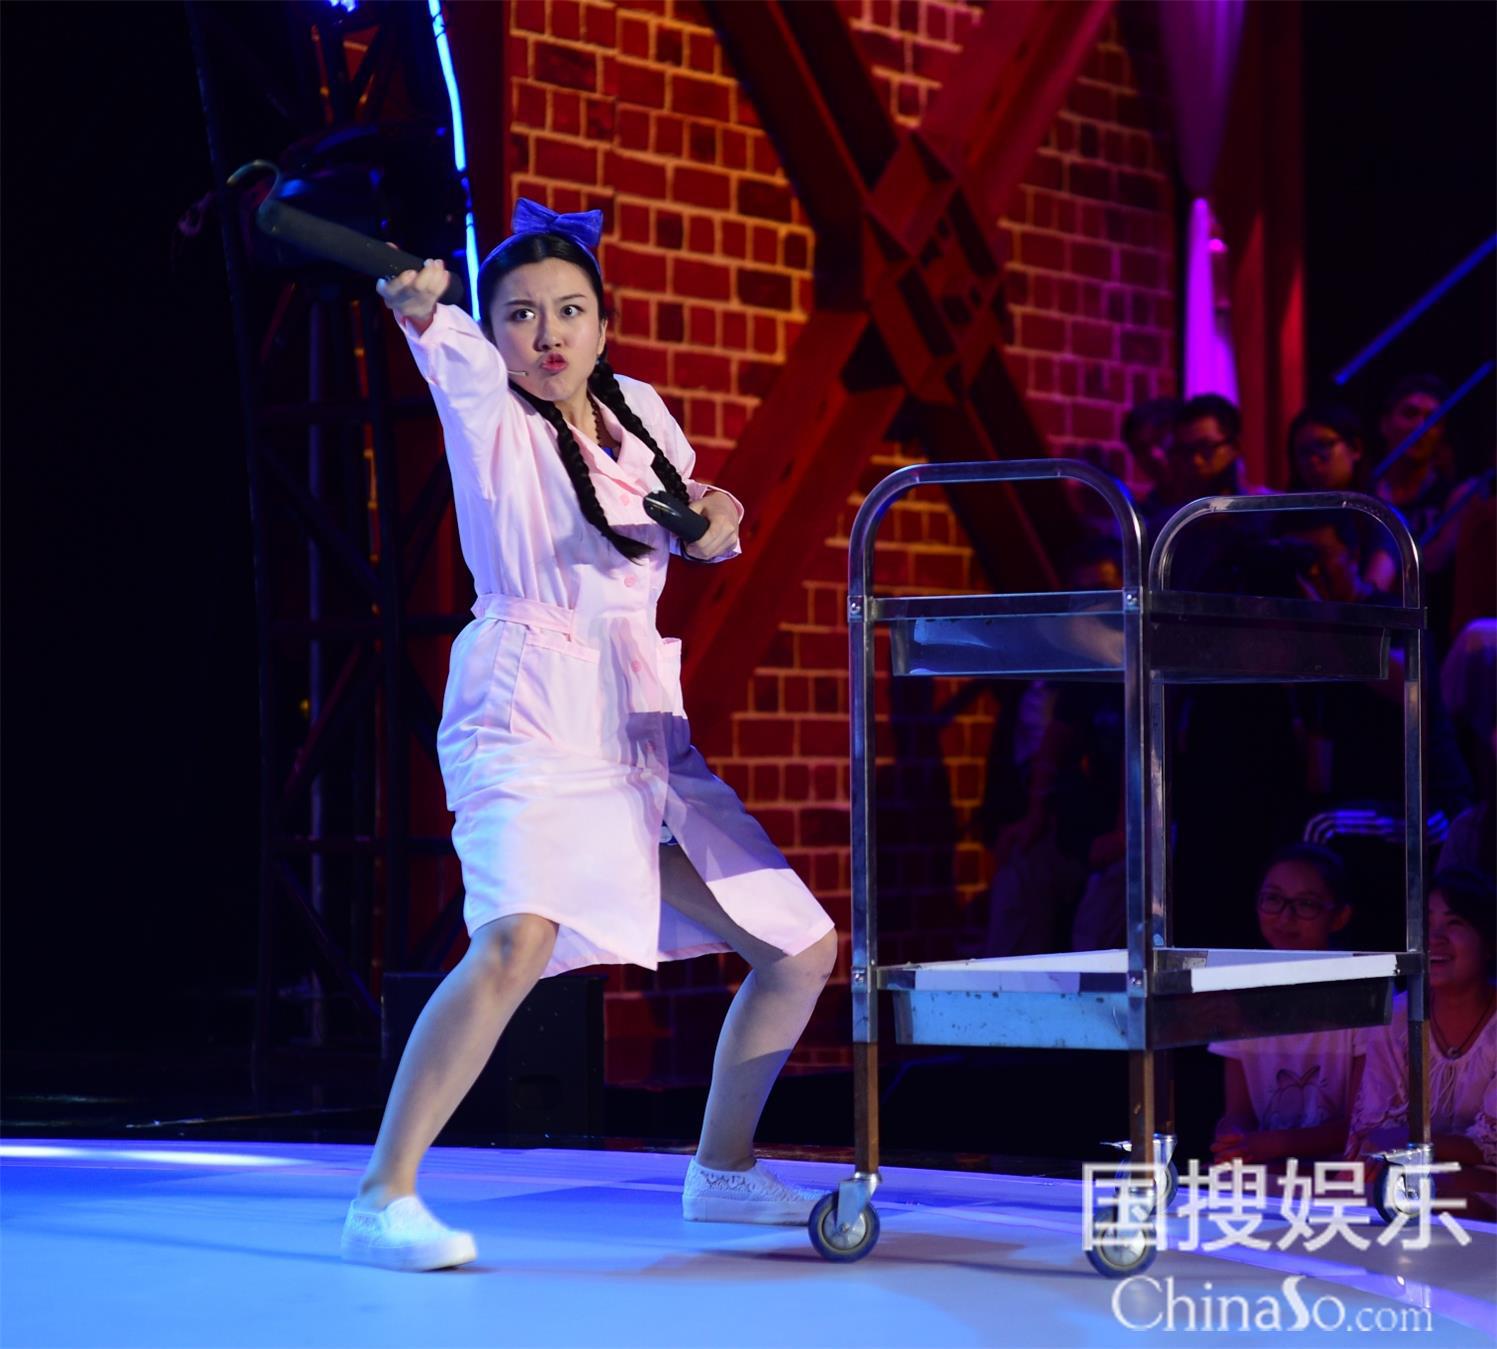 美女选手陆敏雪对冯小刚撒娇 郭德纲:交男朋友了吗? 3